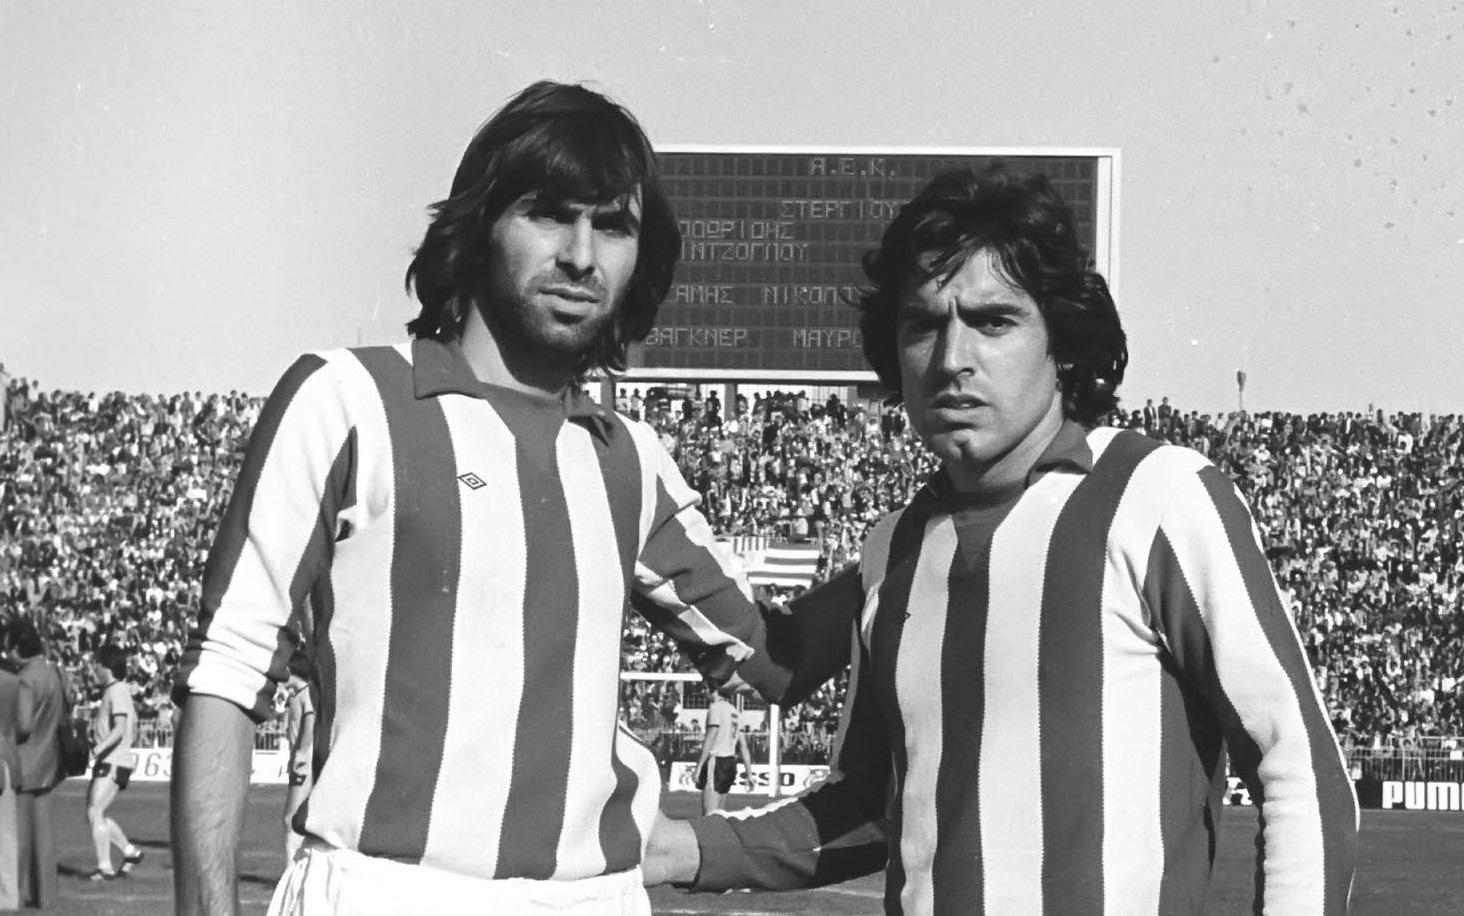 Ευλογημένο Ποδόσφαιρο : Γιώργος Δεληκάρης: Ο Έλληνας Αρτίστας